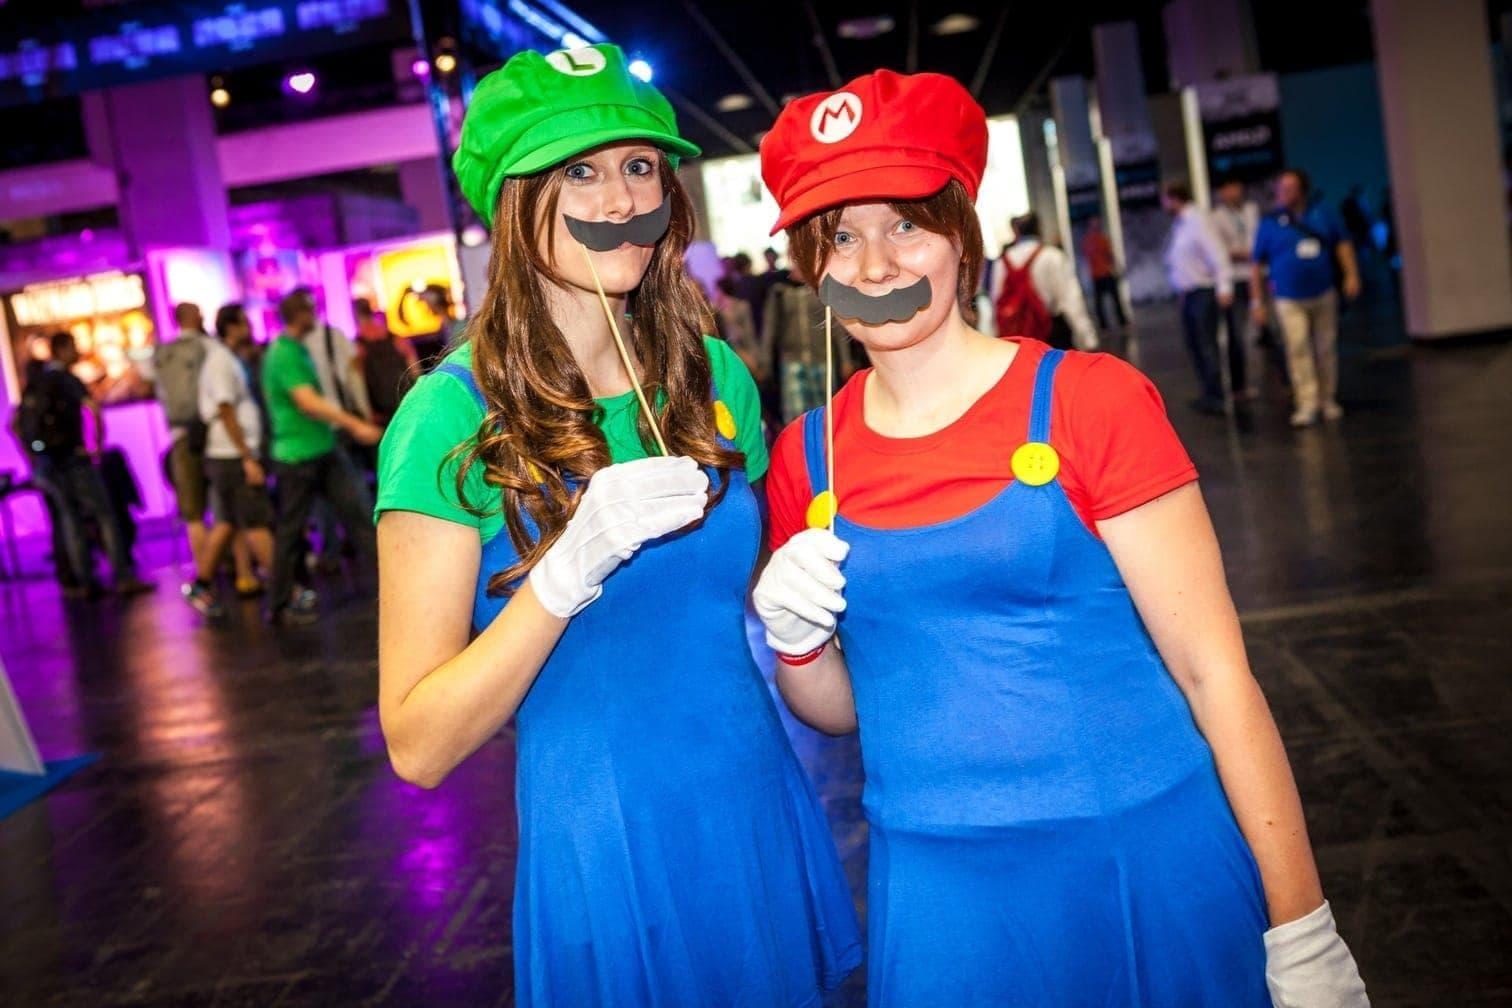 Gamescom Super Mario Luigi